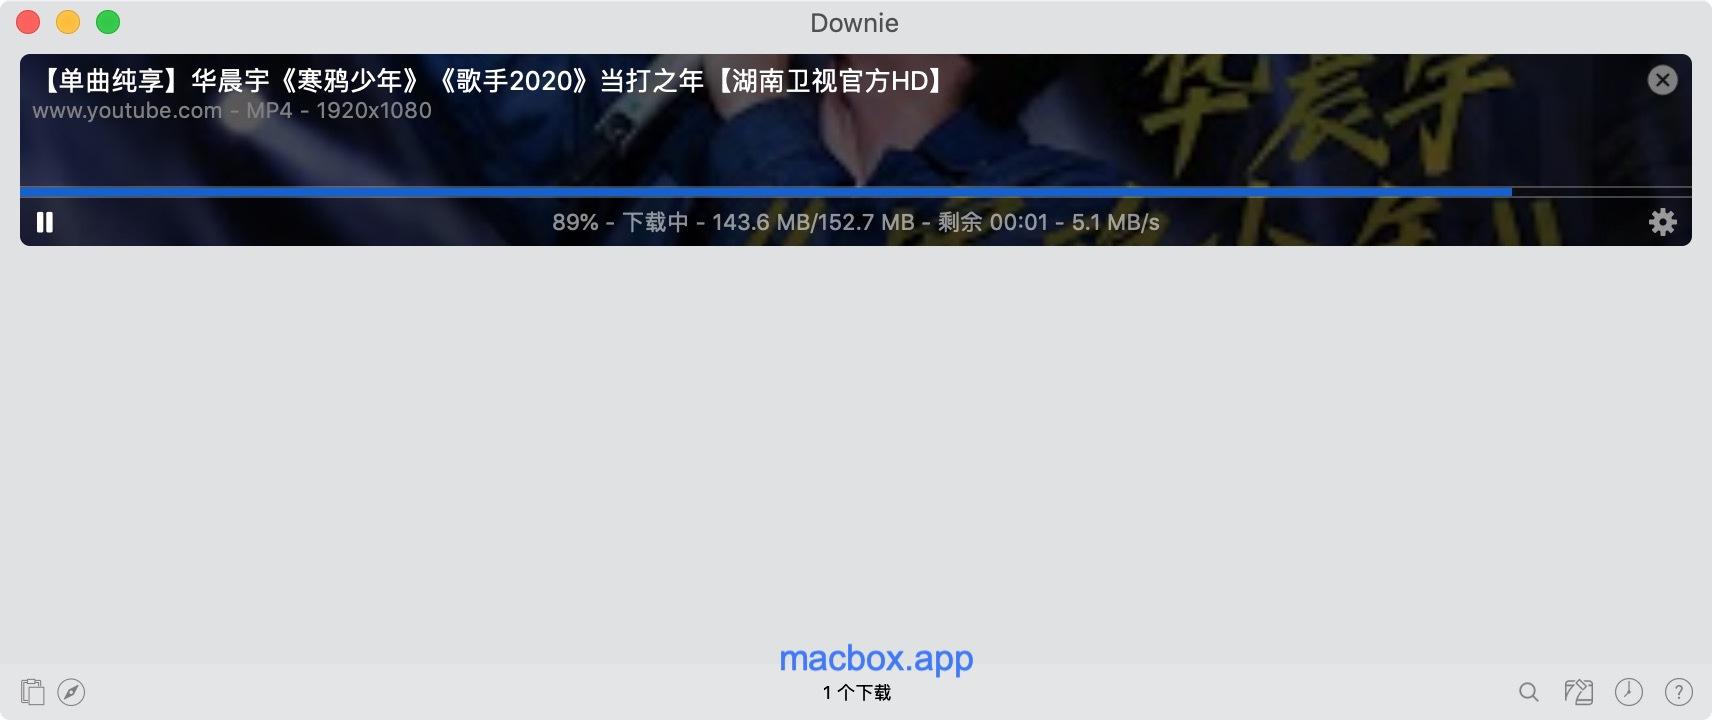 Downie 4.0 for mac